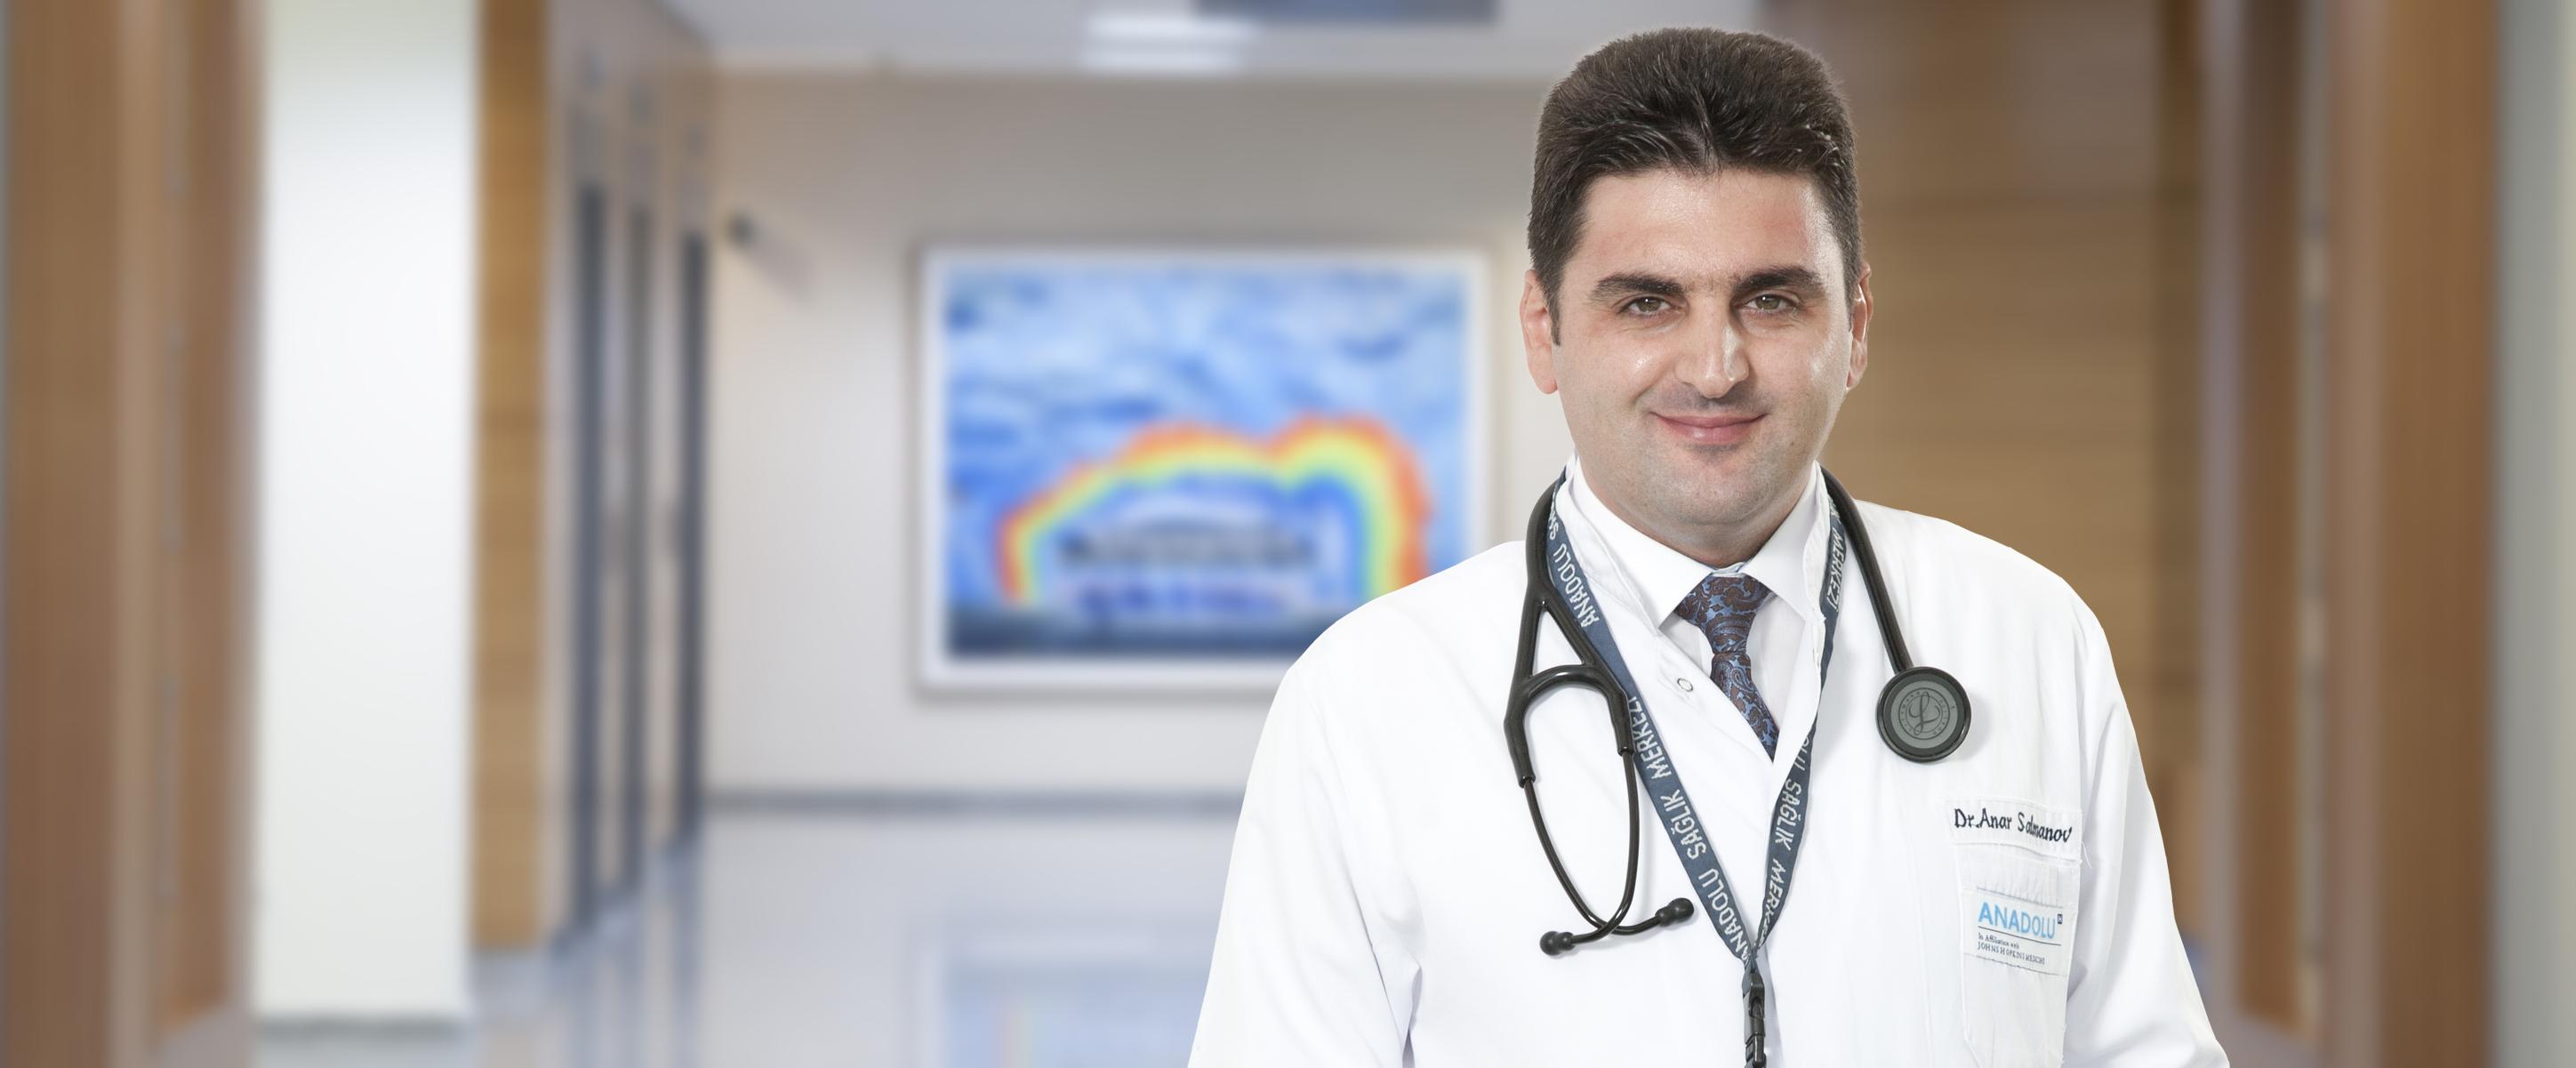 Анар Салманов — квалифицированная помощь в медицинском центре Anadolu